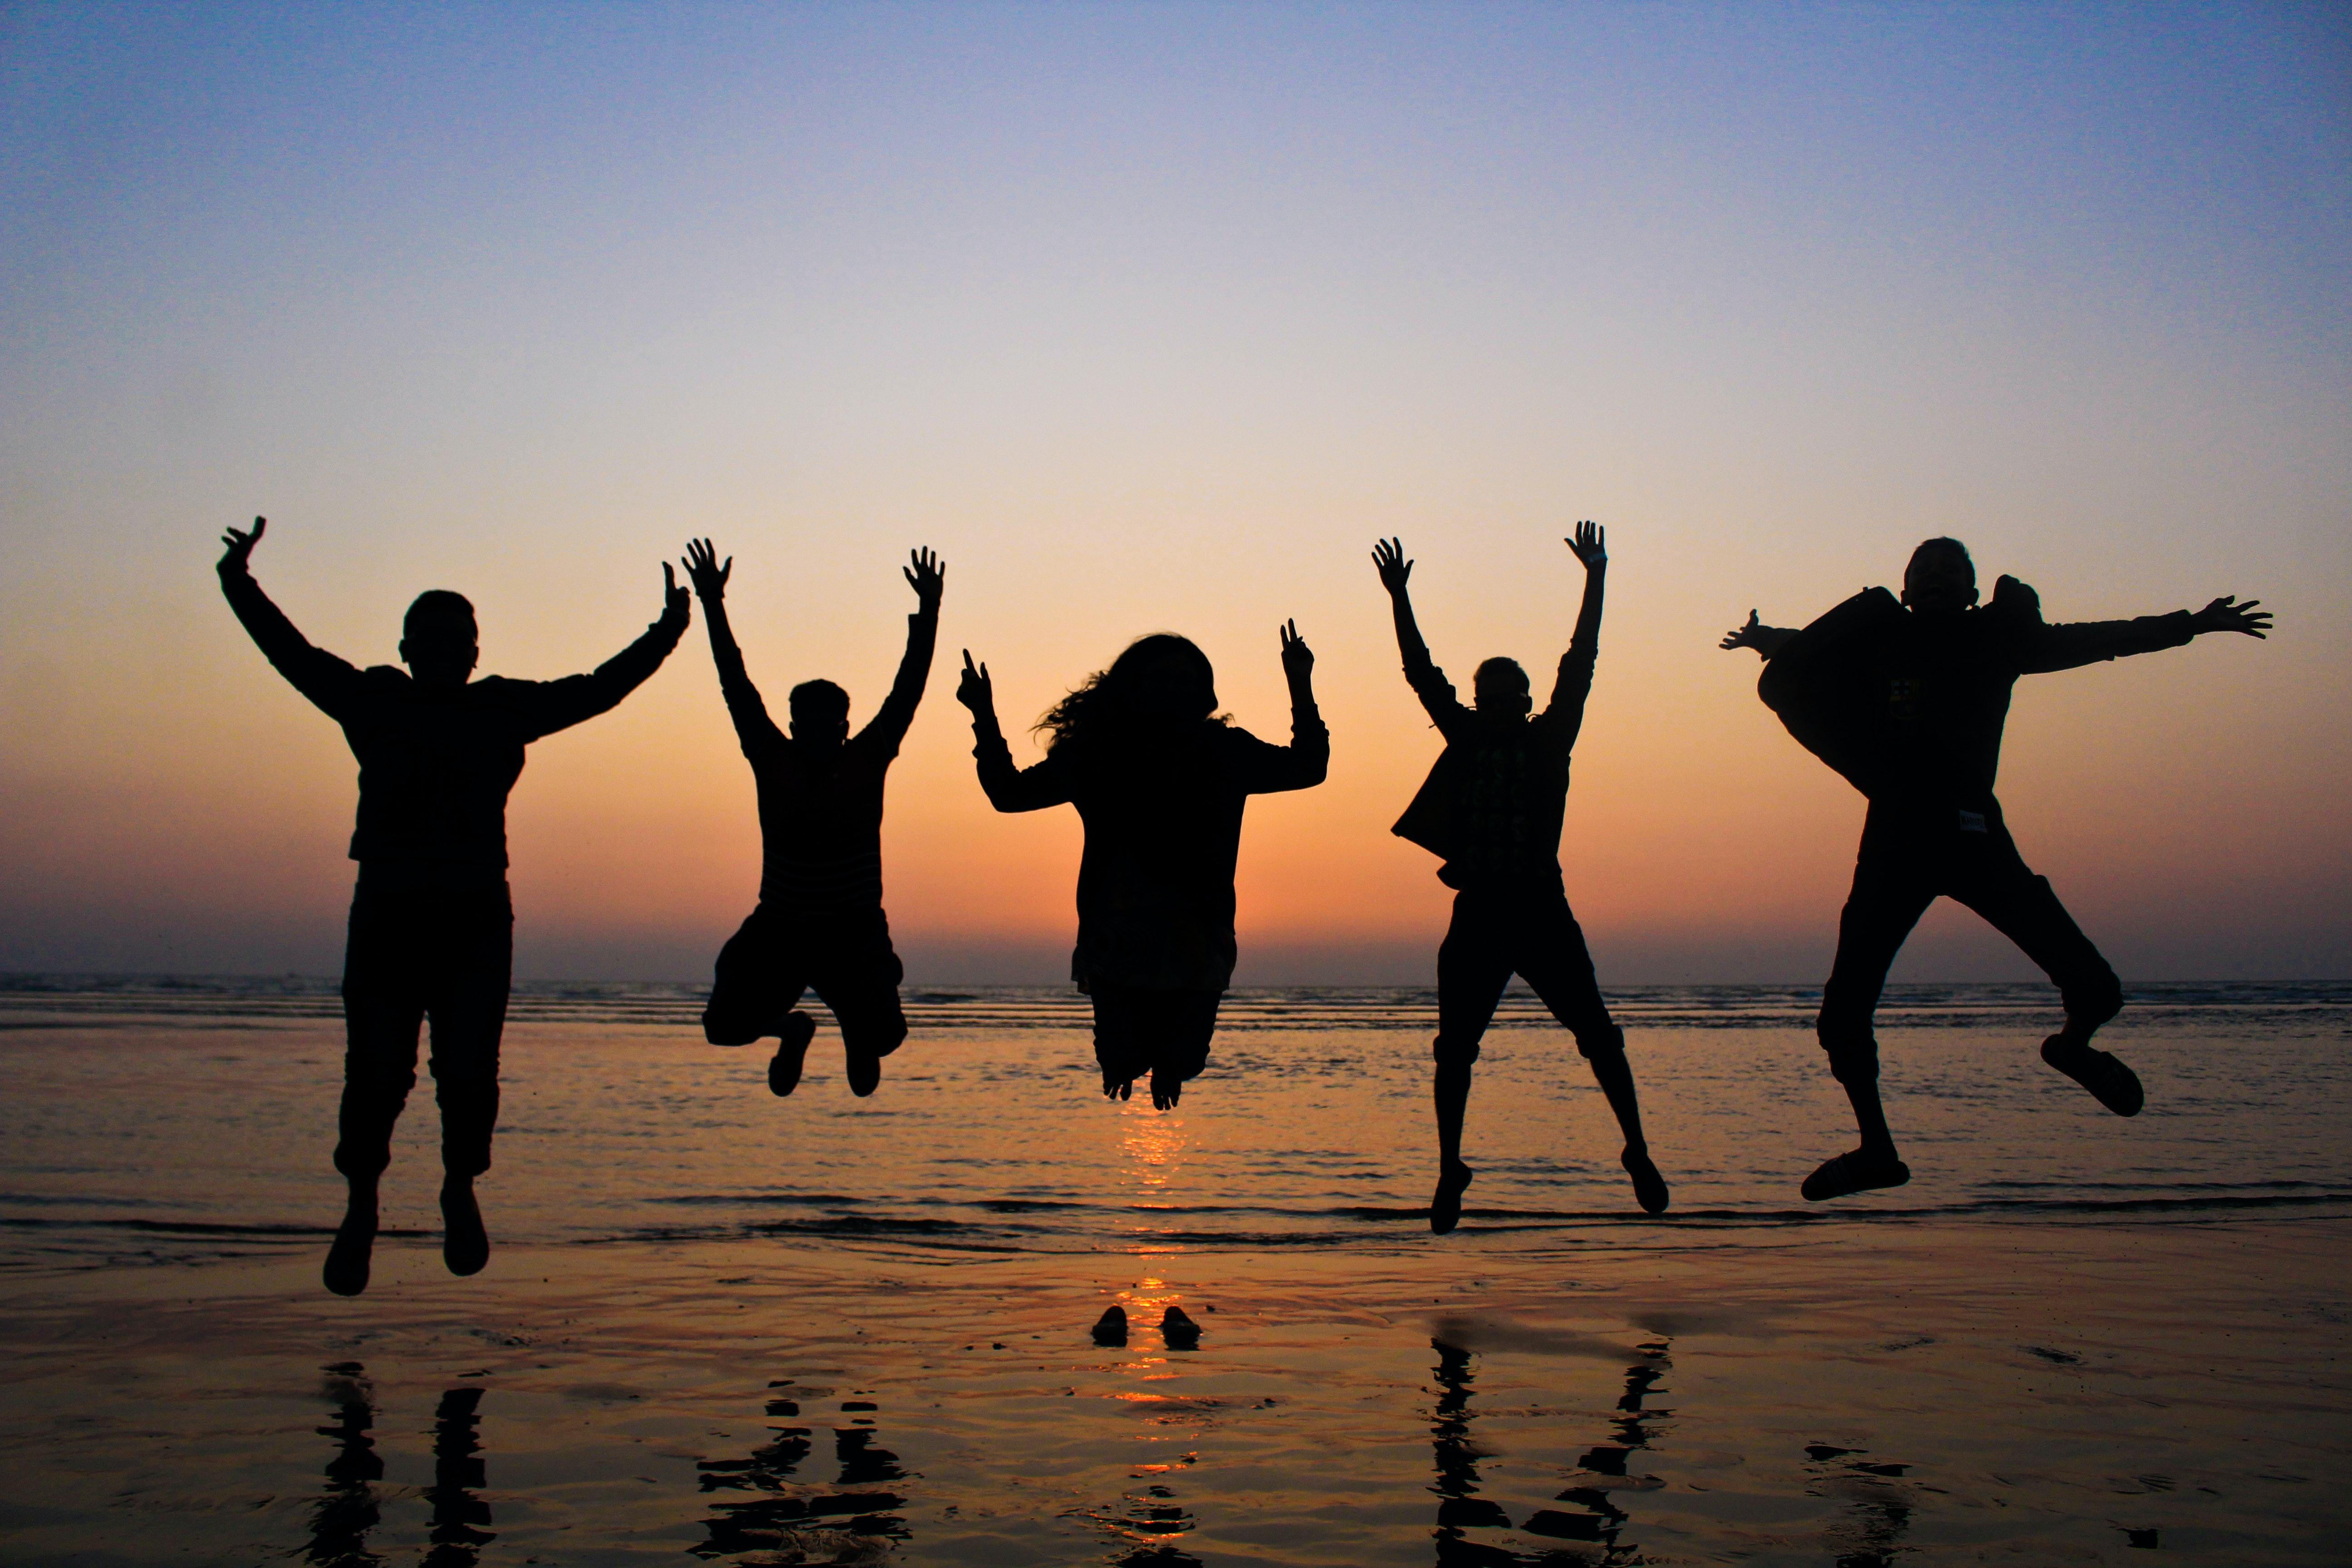 Kostenloses Foto zum Thema: freunde, freundschaft, glück